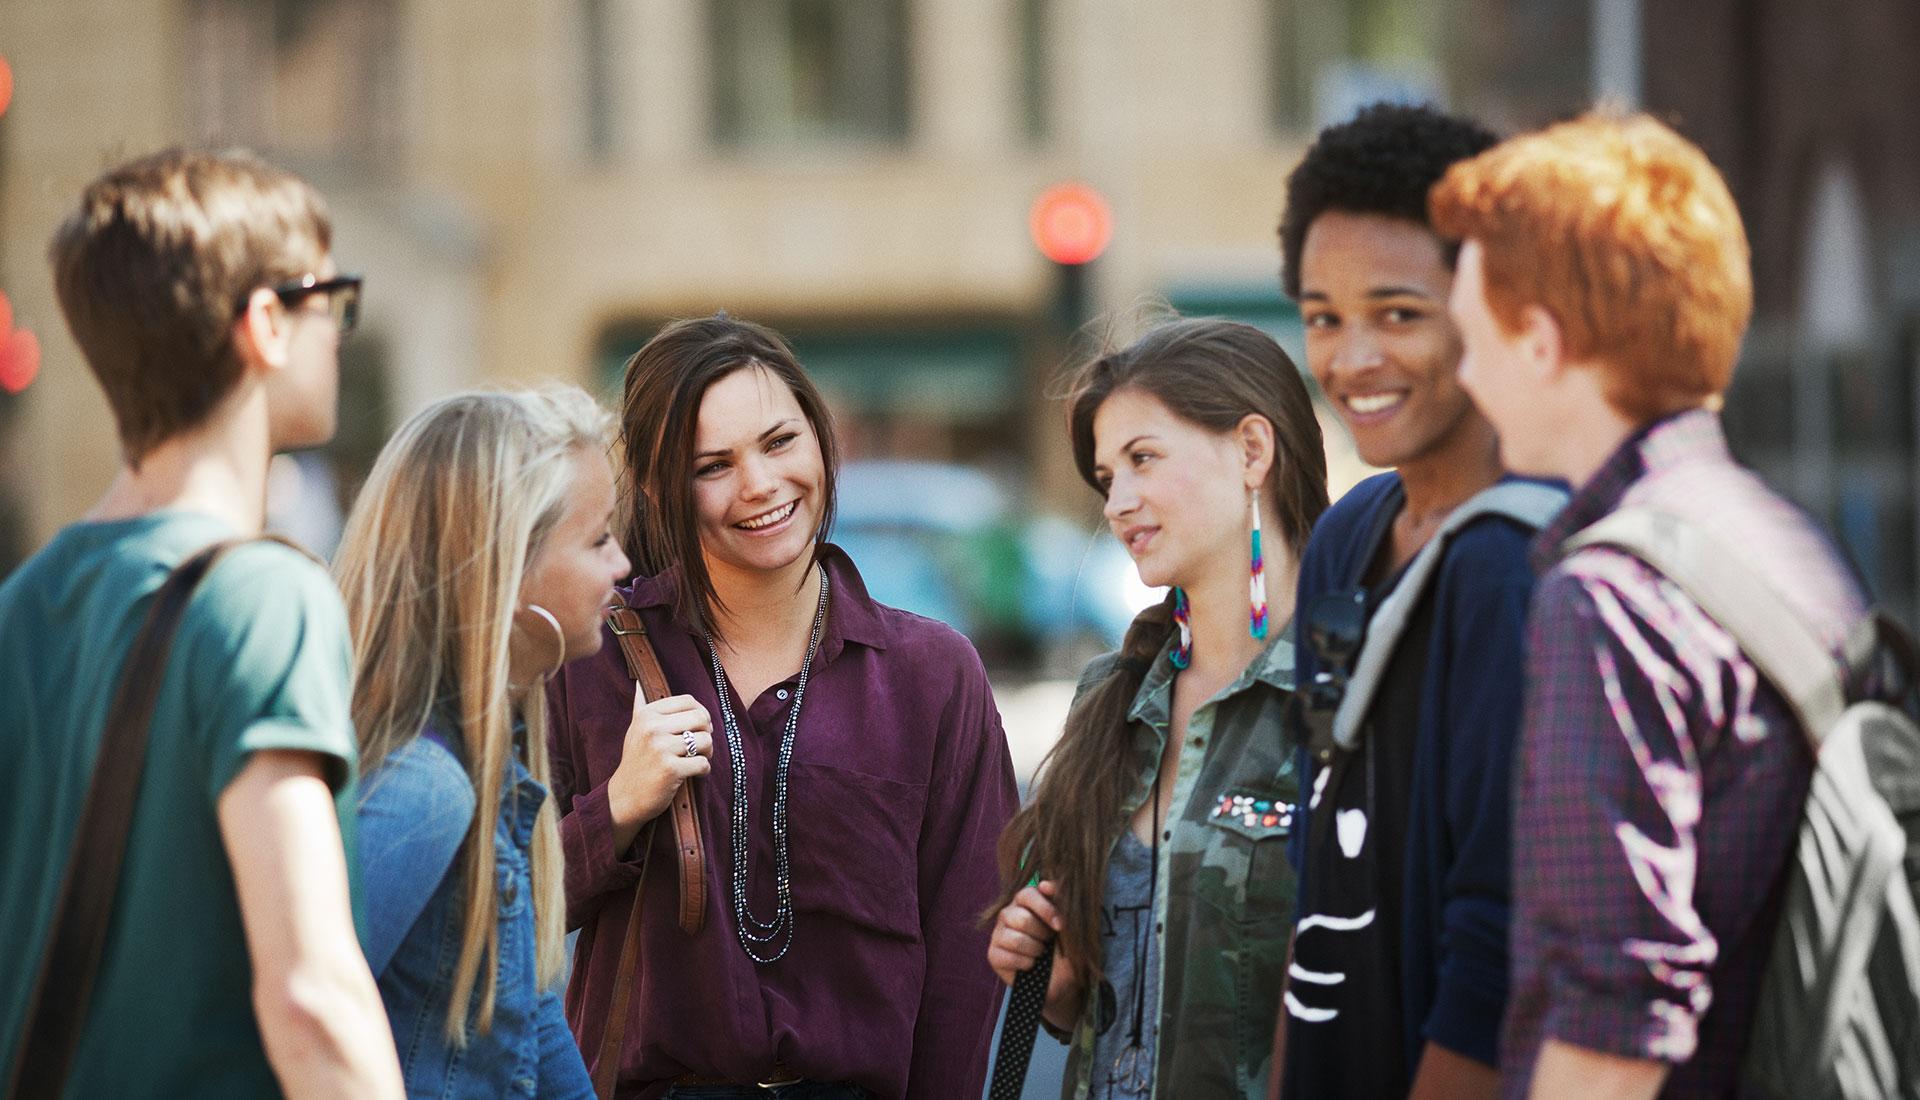 groupe de jeunes adolescents en train de discuter